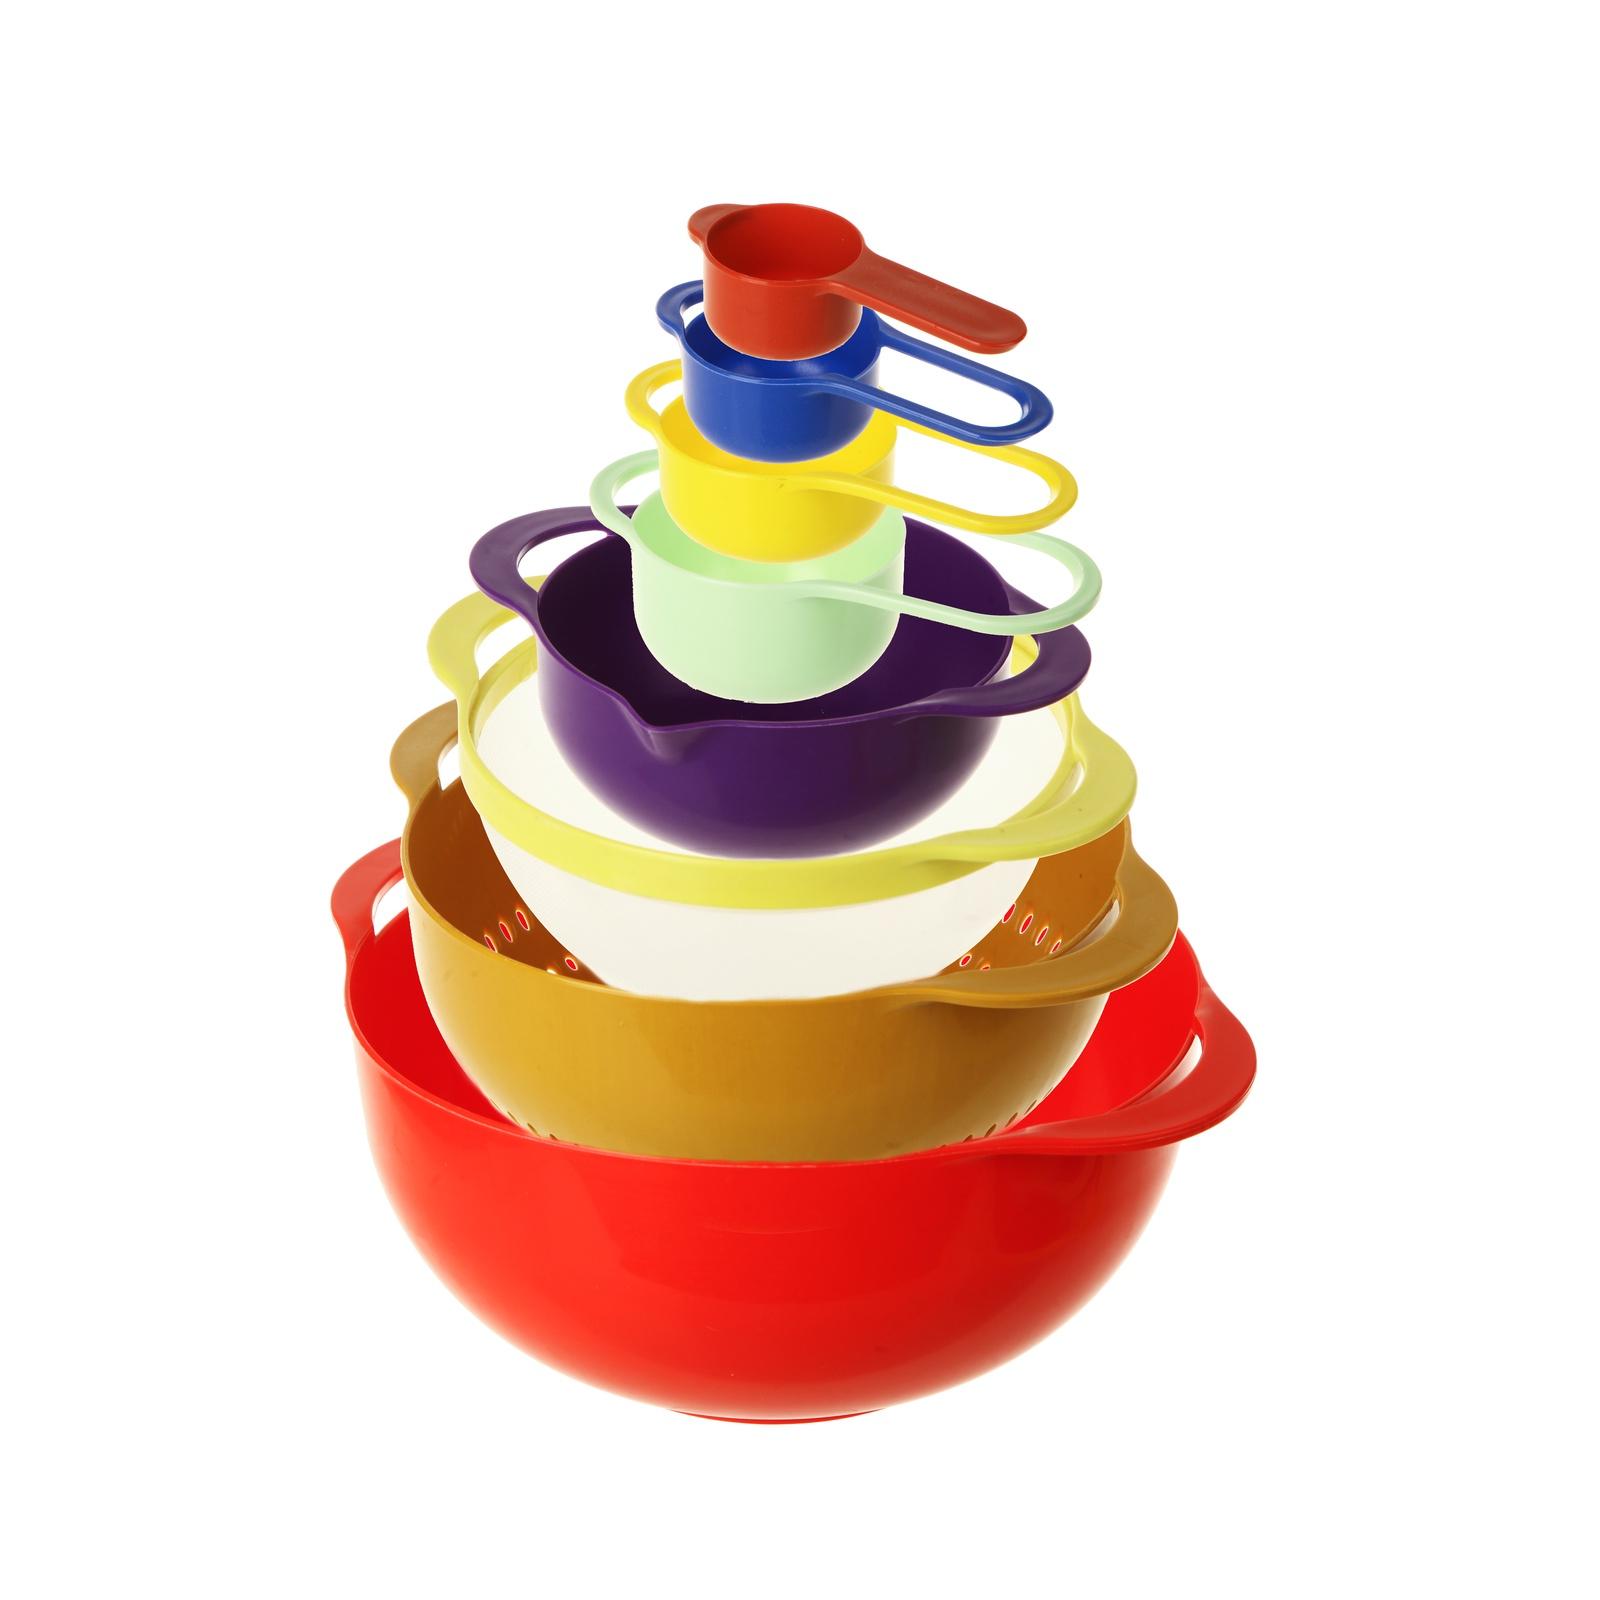 Комплект посуды для приготовления Kitchen Angel складывающийся компактно как матрёшка, разноцветный